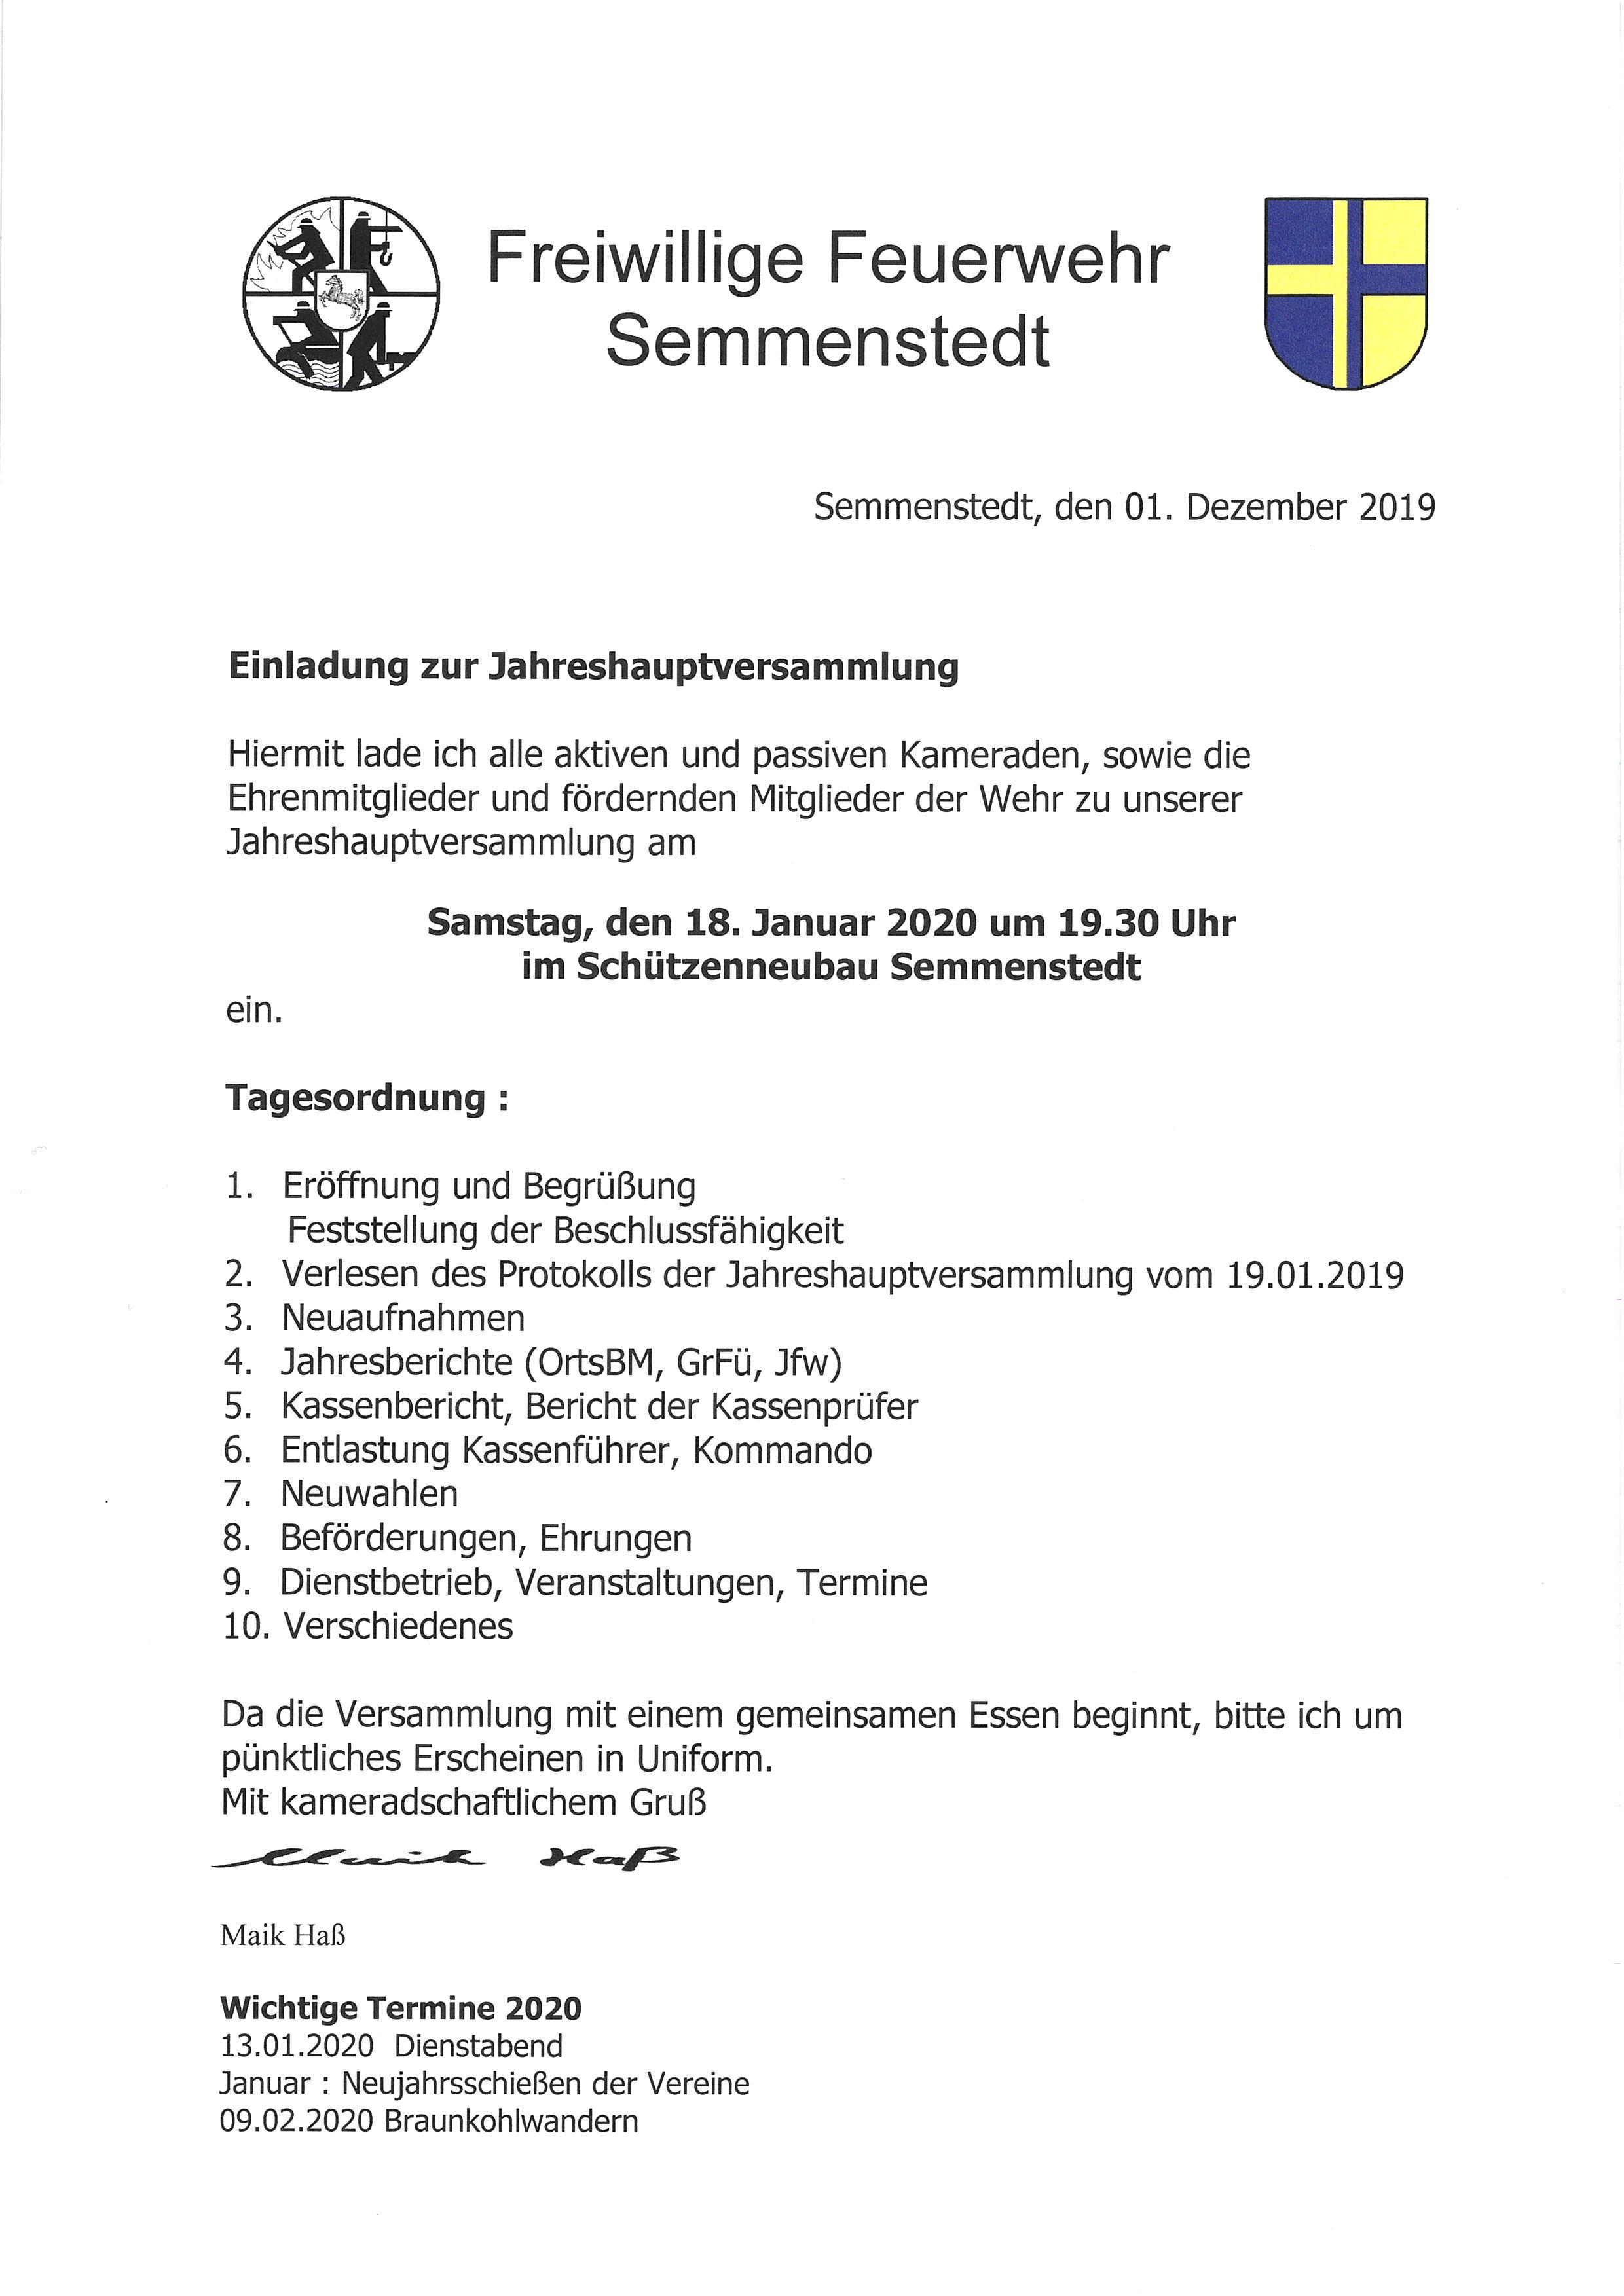 JHV Freiw. Feuerwehr Semmenstedt 19.30 Uhr @ Semmenstedt Schützenneubau